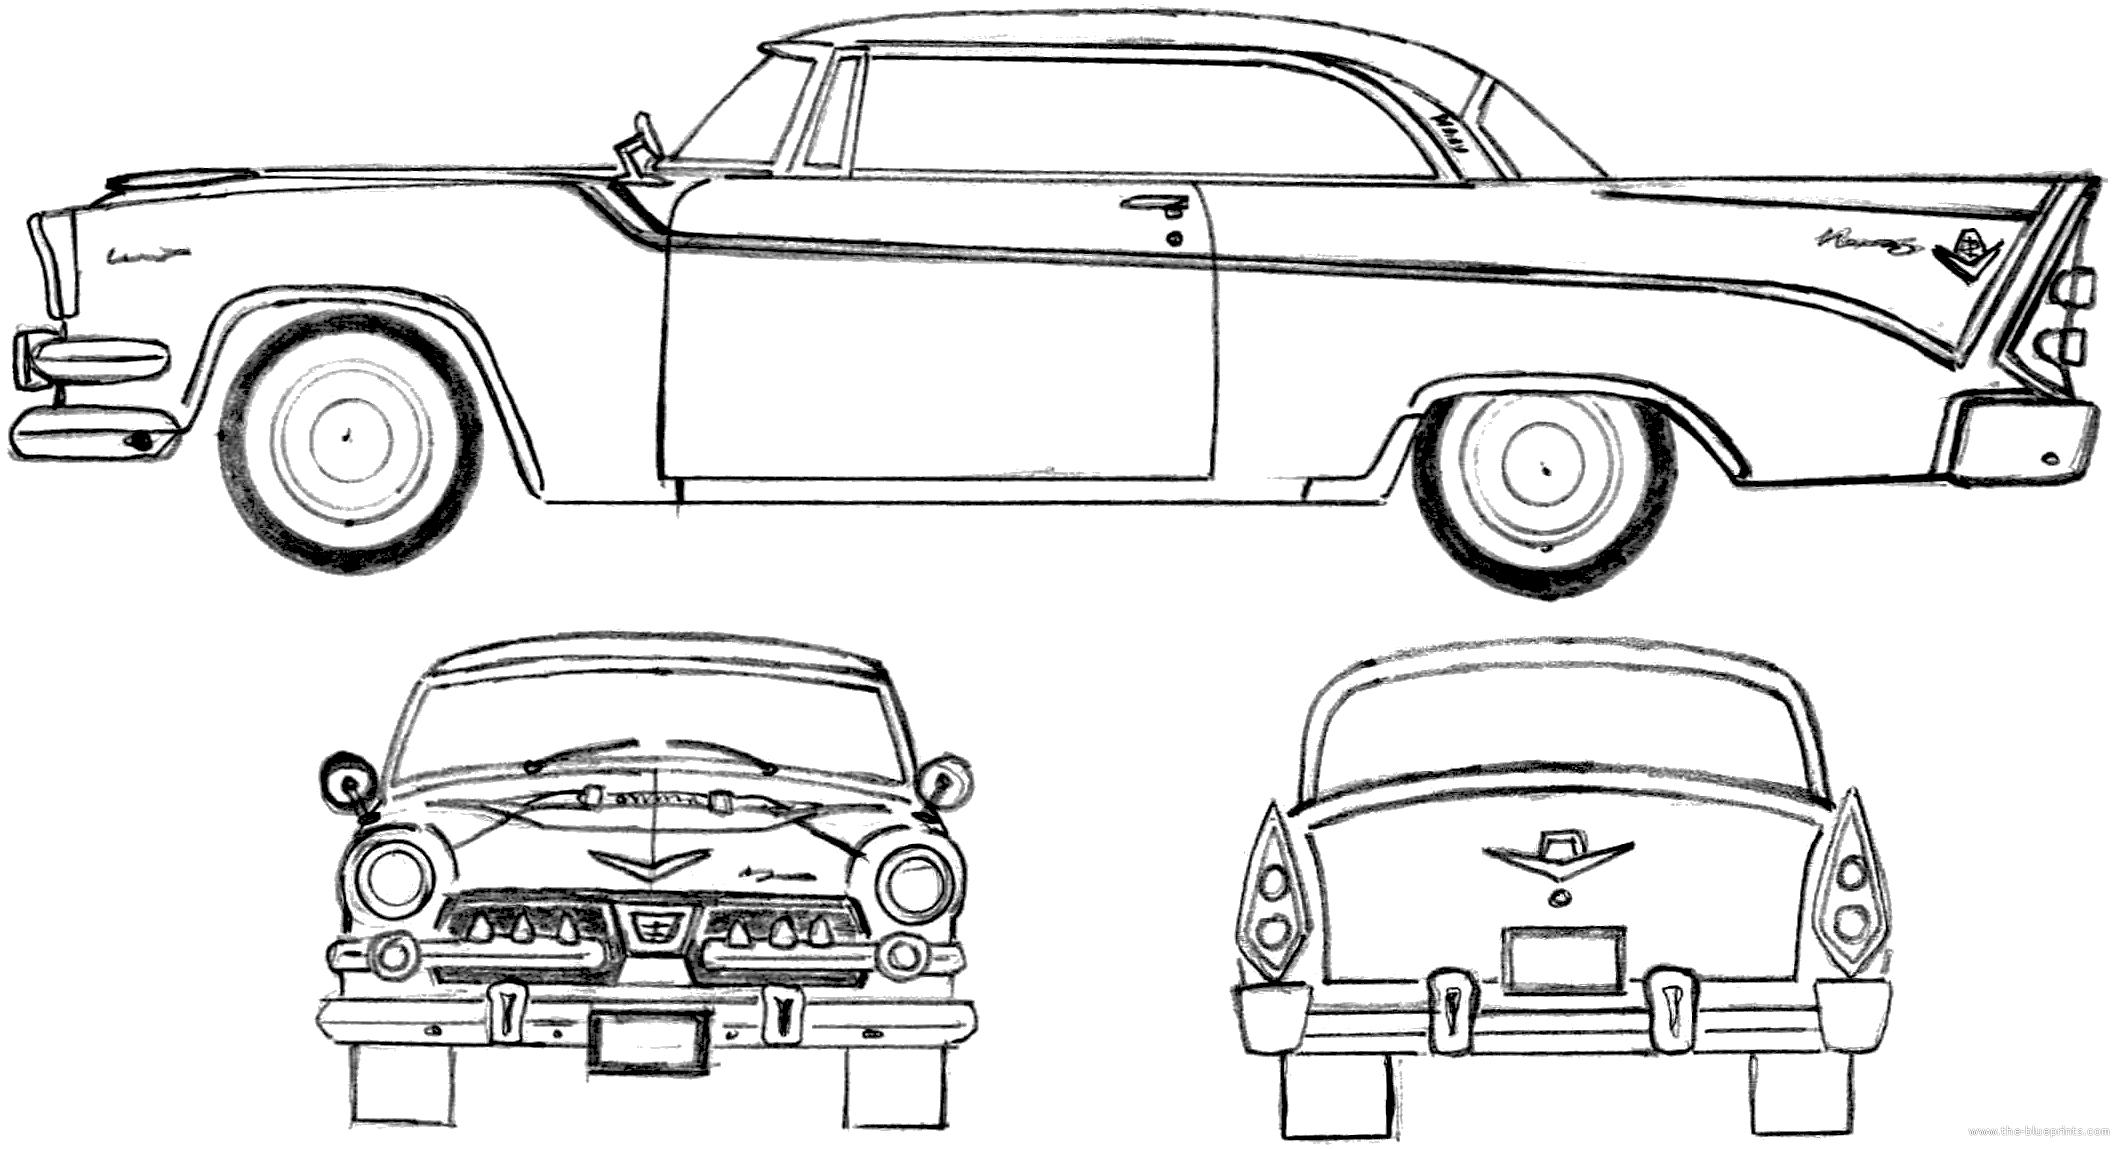 Blueprints > Cars > Dodge > Dodge Custom Royal Lancer 2